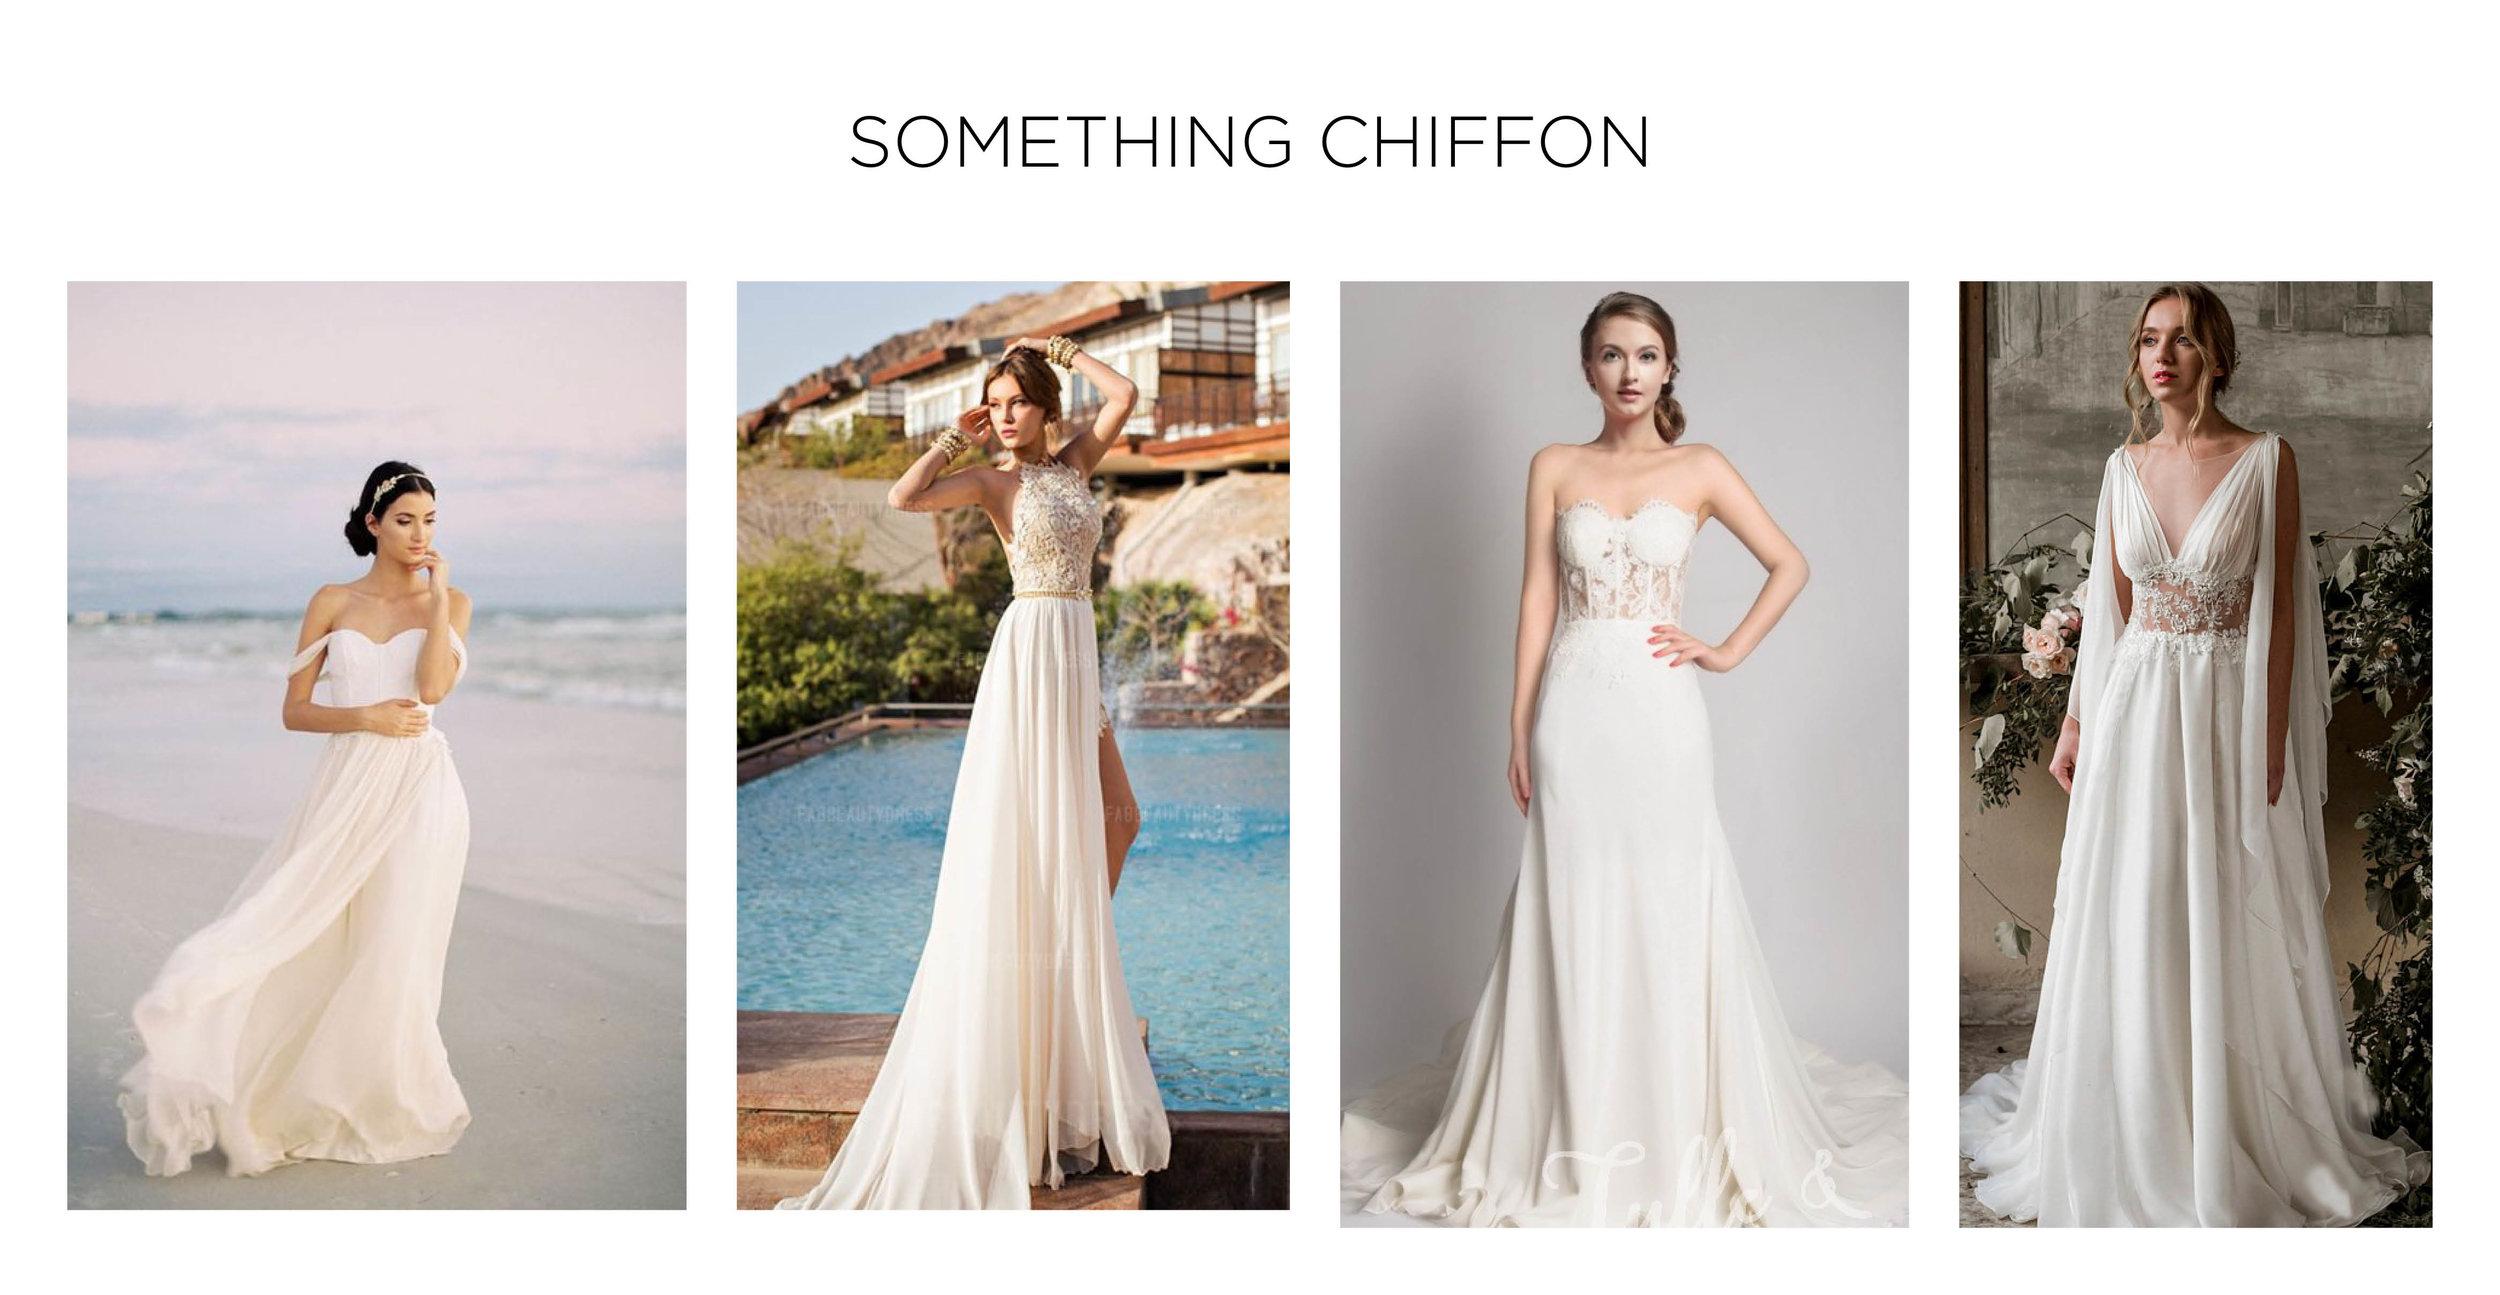 chiffon wedding maxi dress wedding majorca wedding planner wedding dress mallorca wedding dresses .jpg